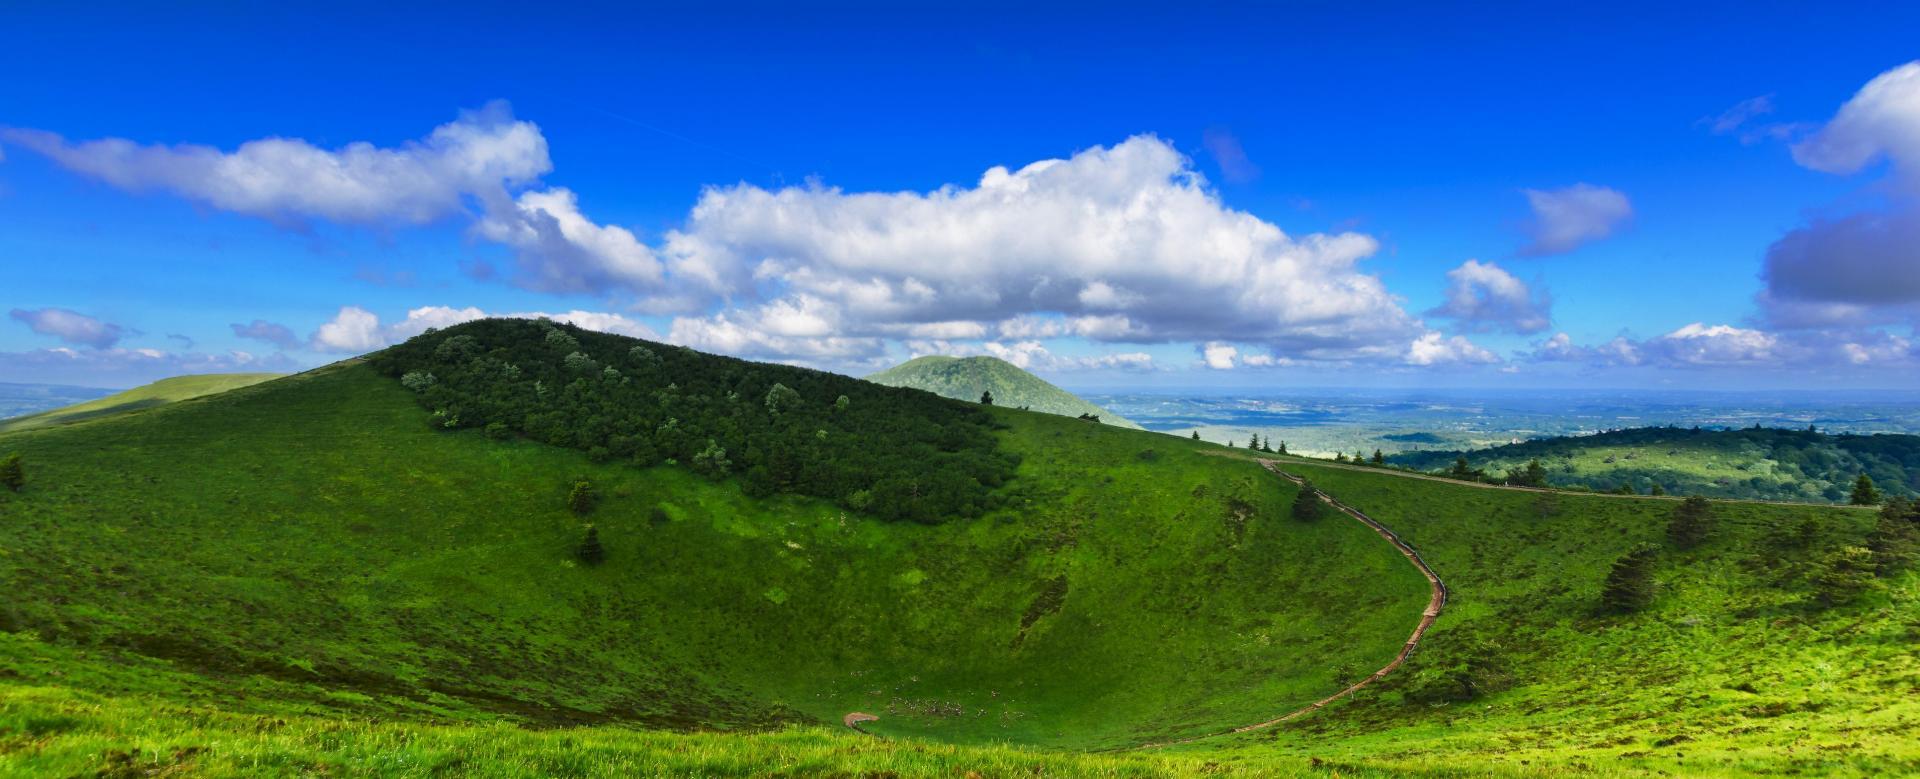 Voyage à pied France : Gtmc 2 : du massif du sancy au cantal